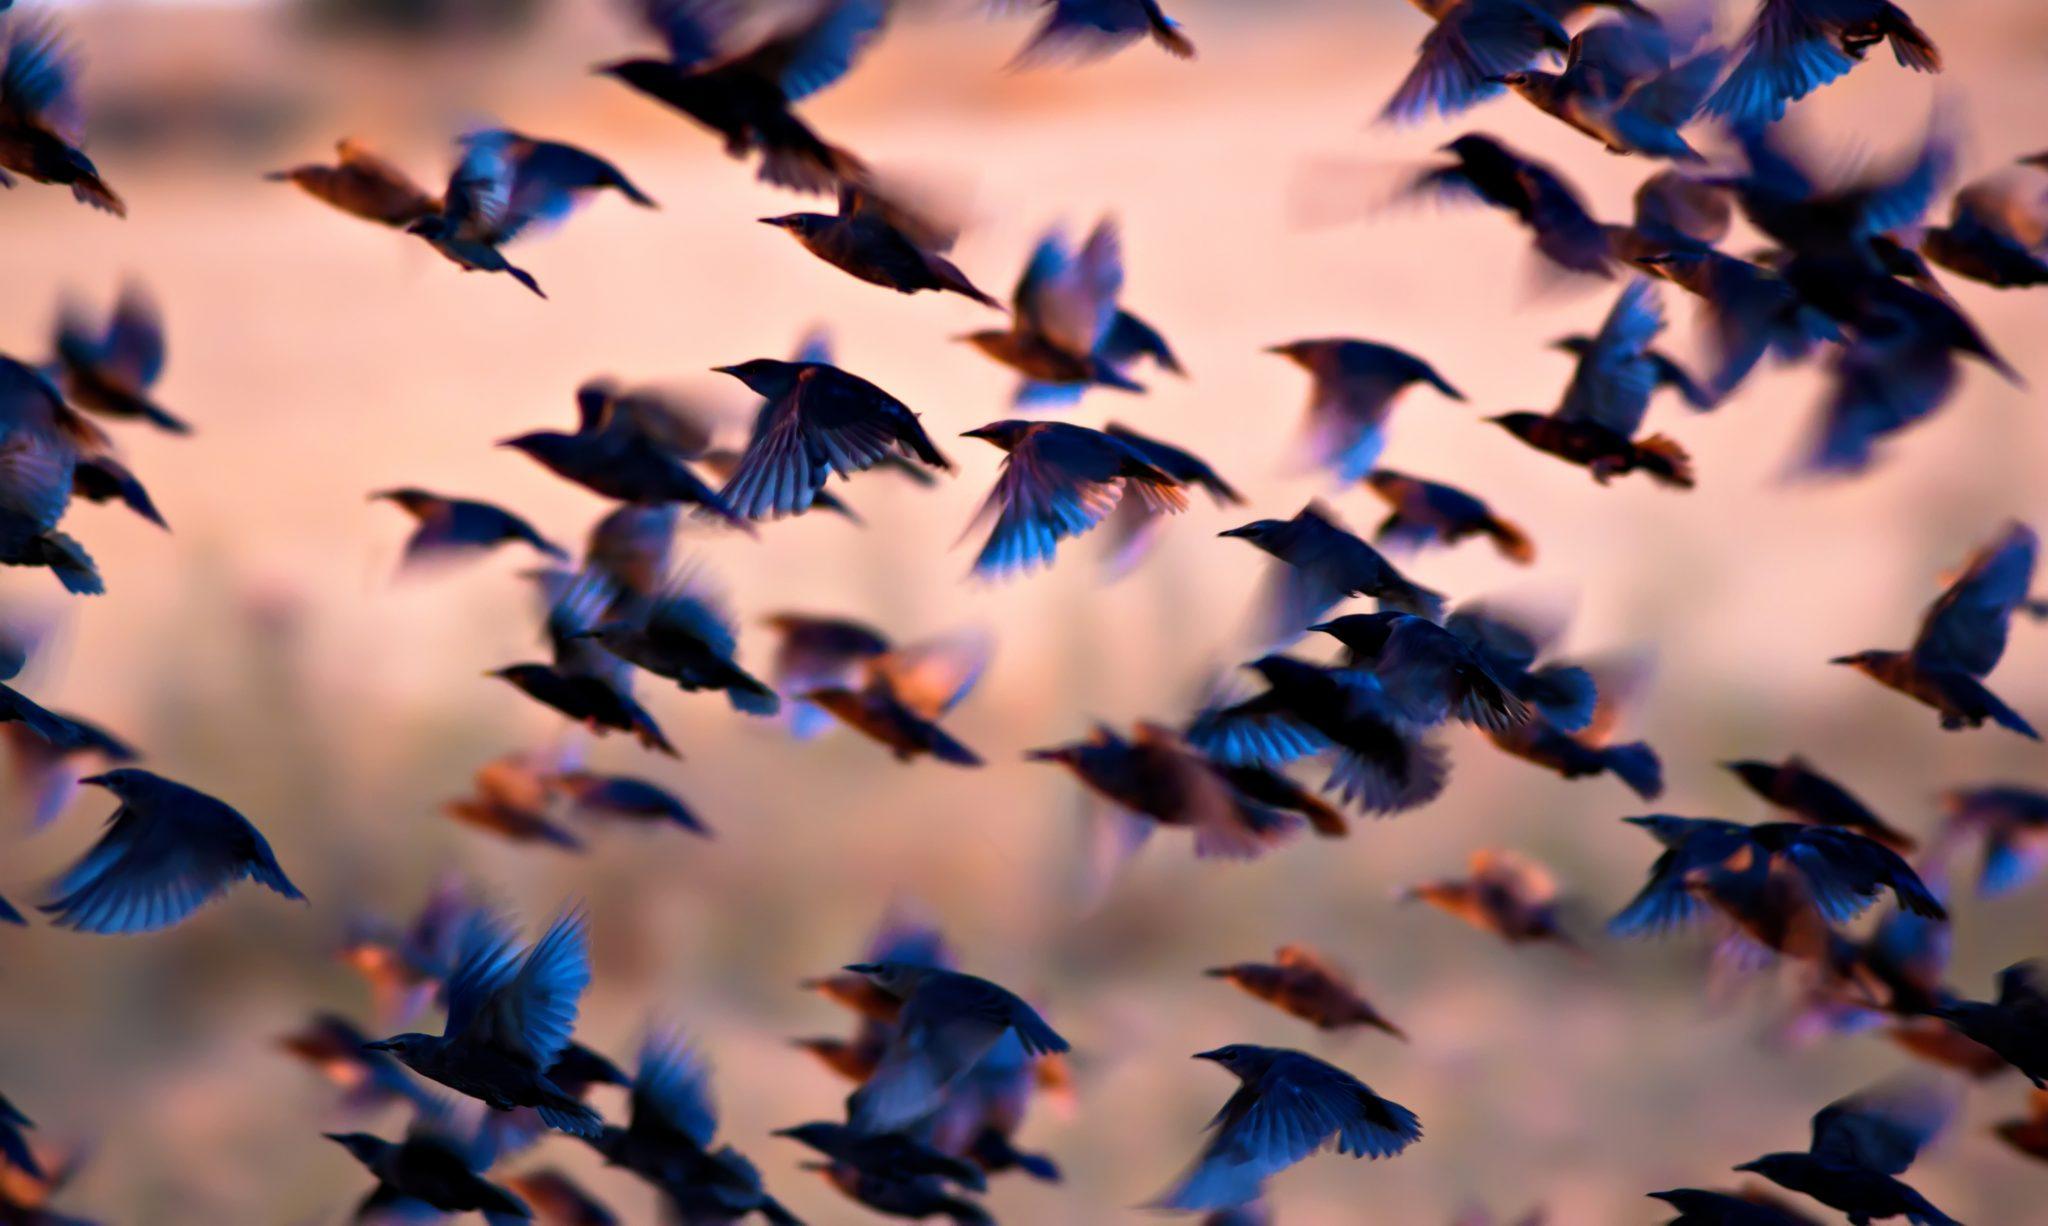 空で羽ばたく鳥と、空で羽ばたかない鳥